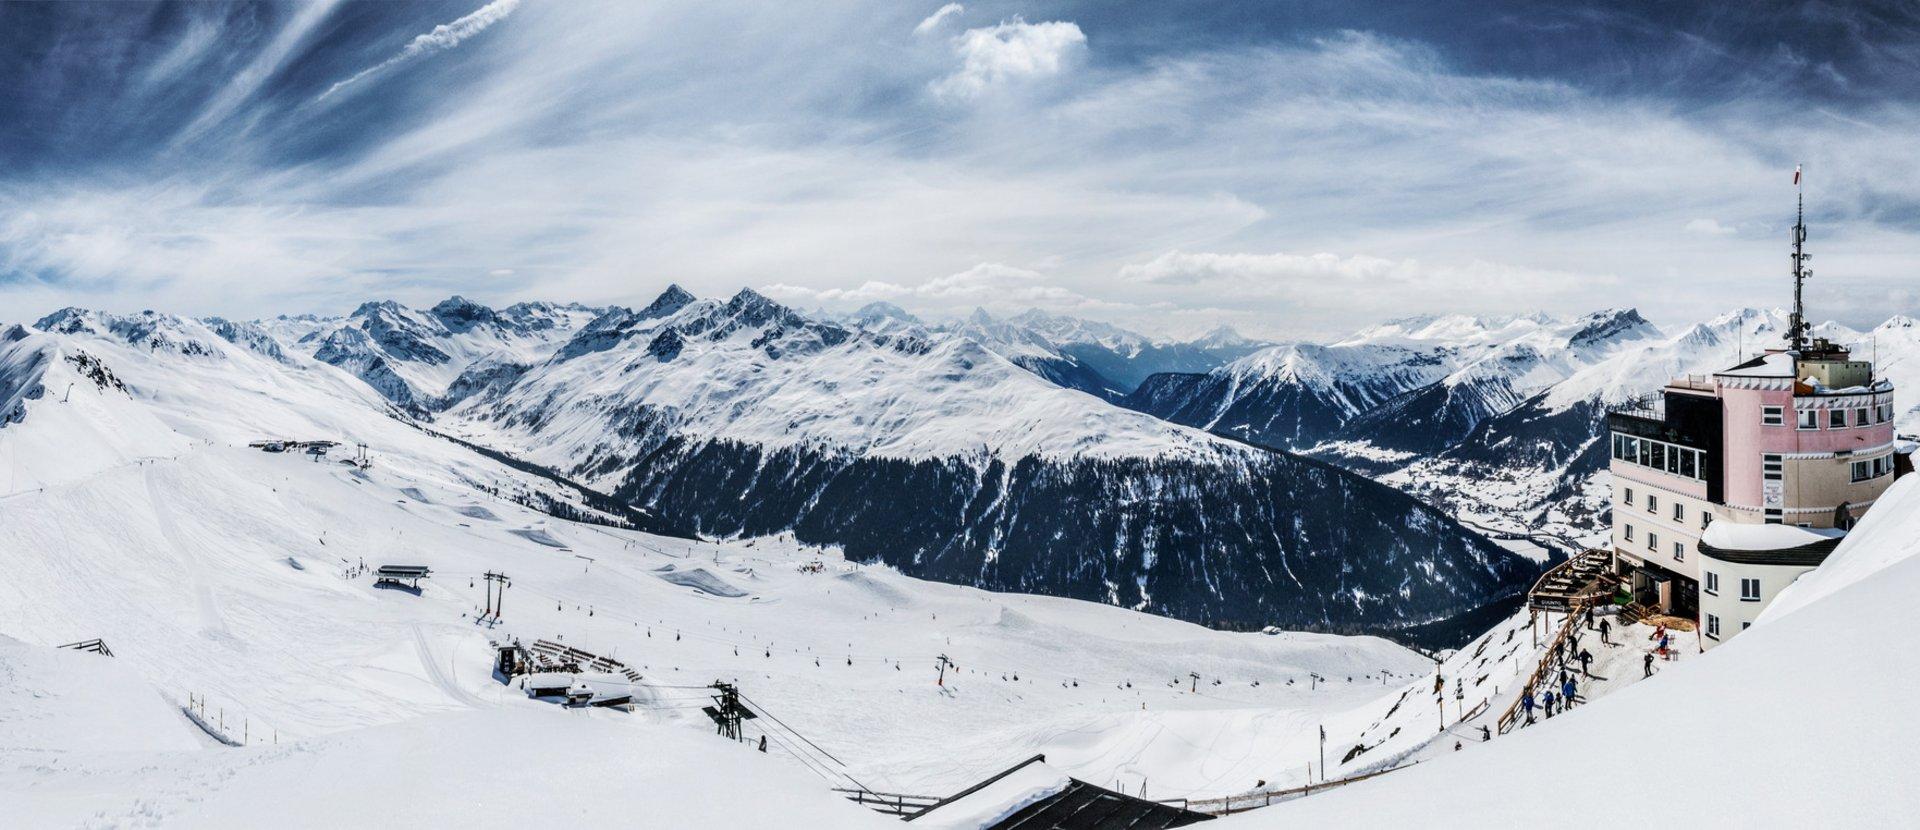 Das Skigebiet Jakobshorn Davos Klosters